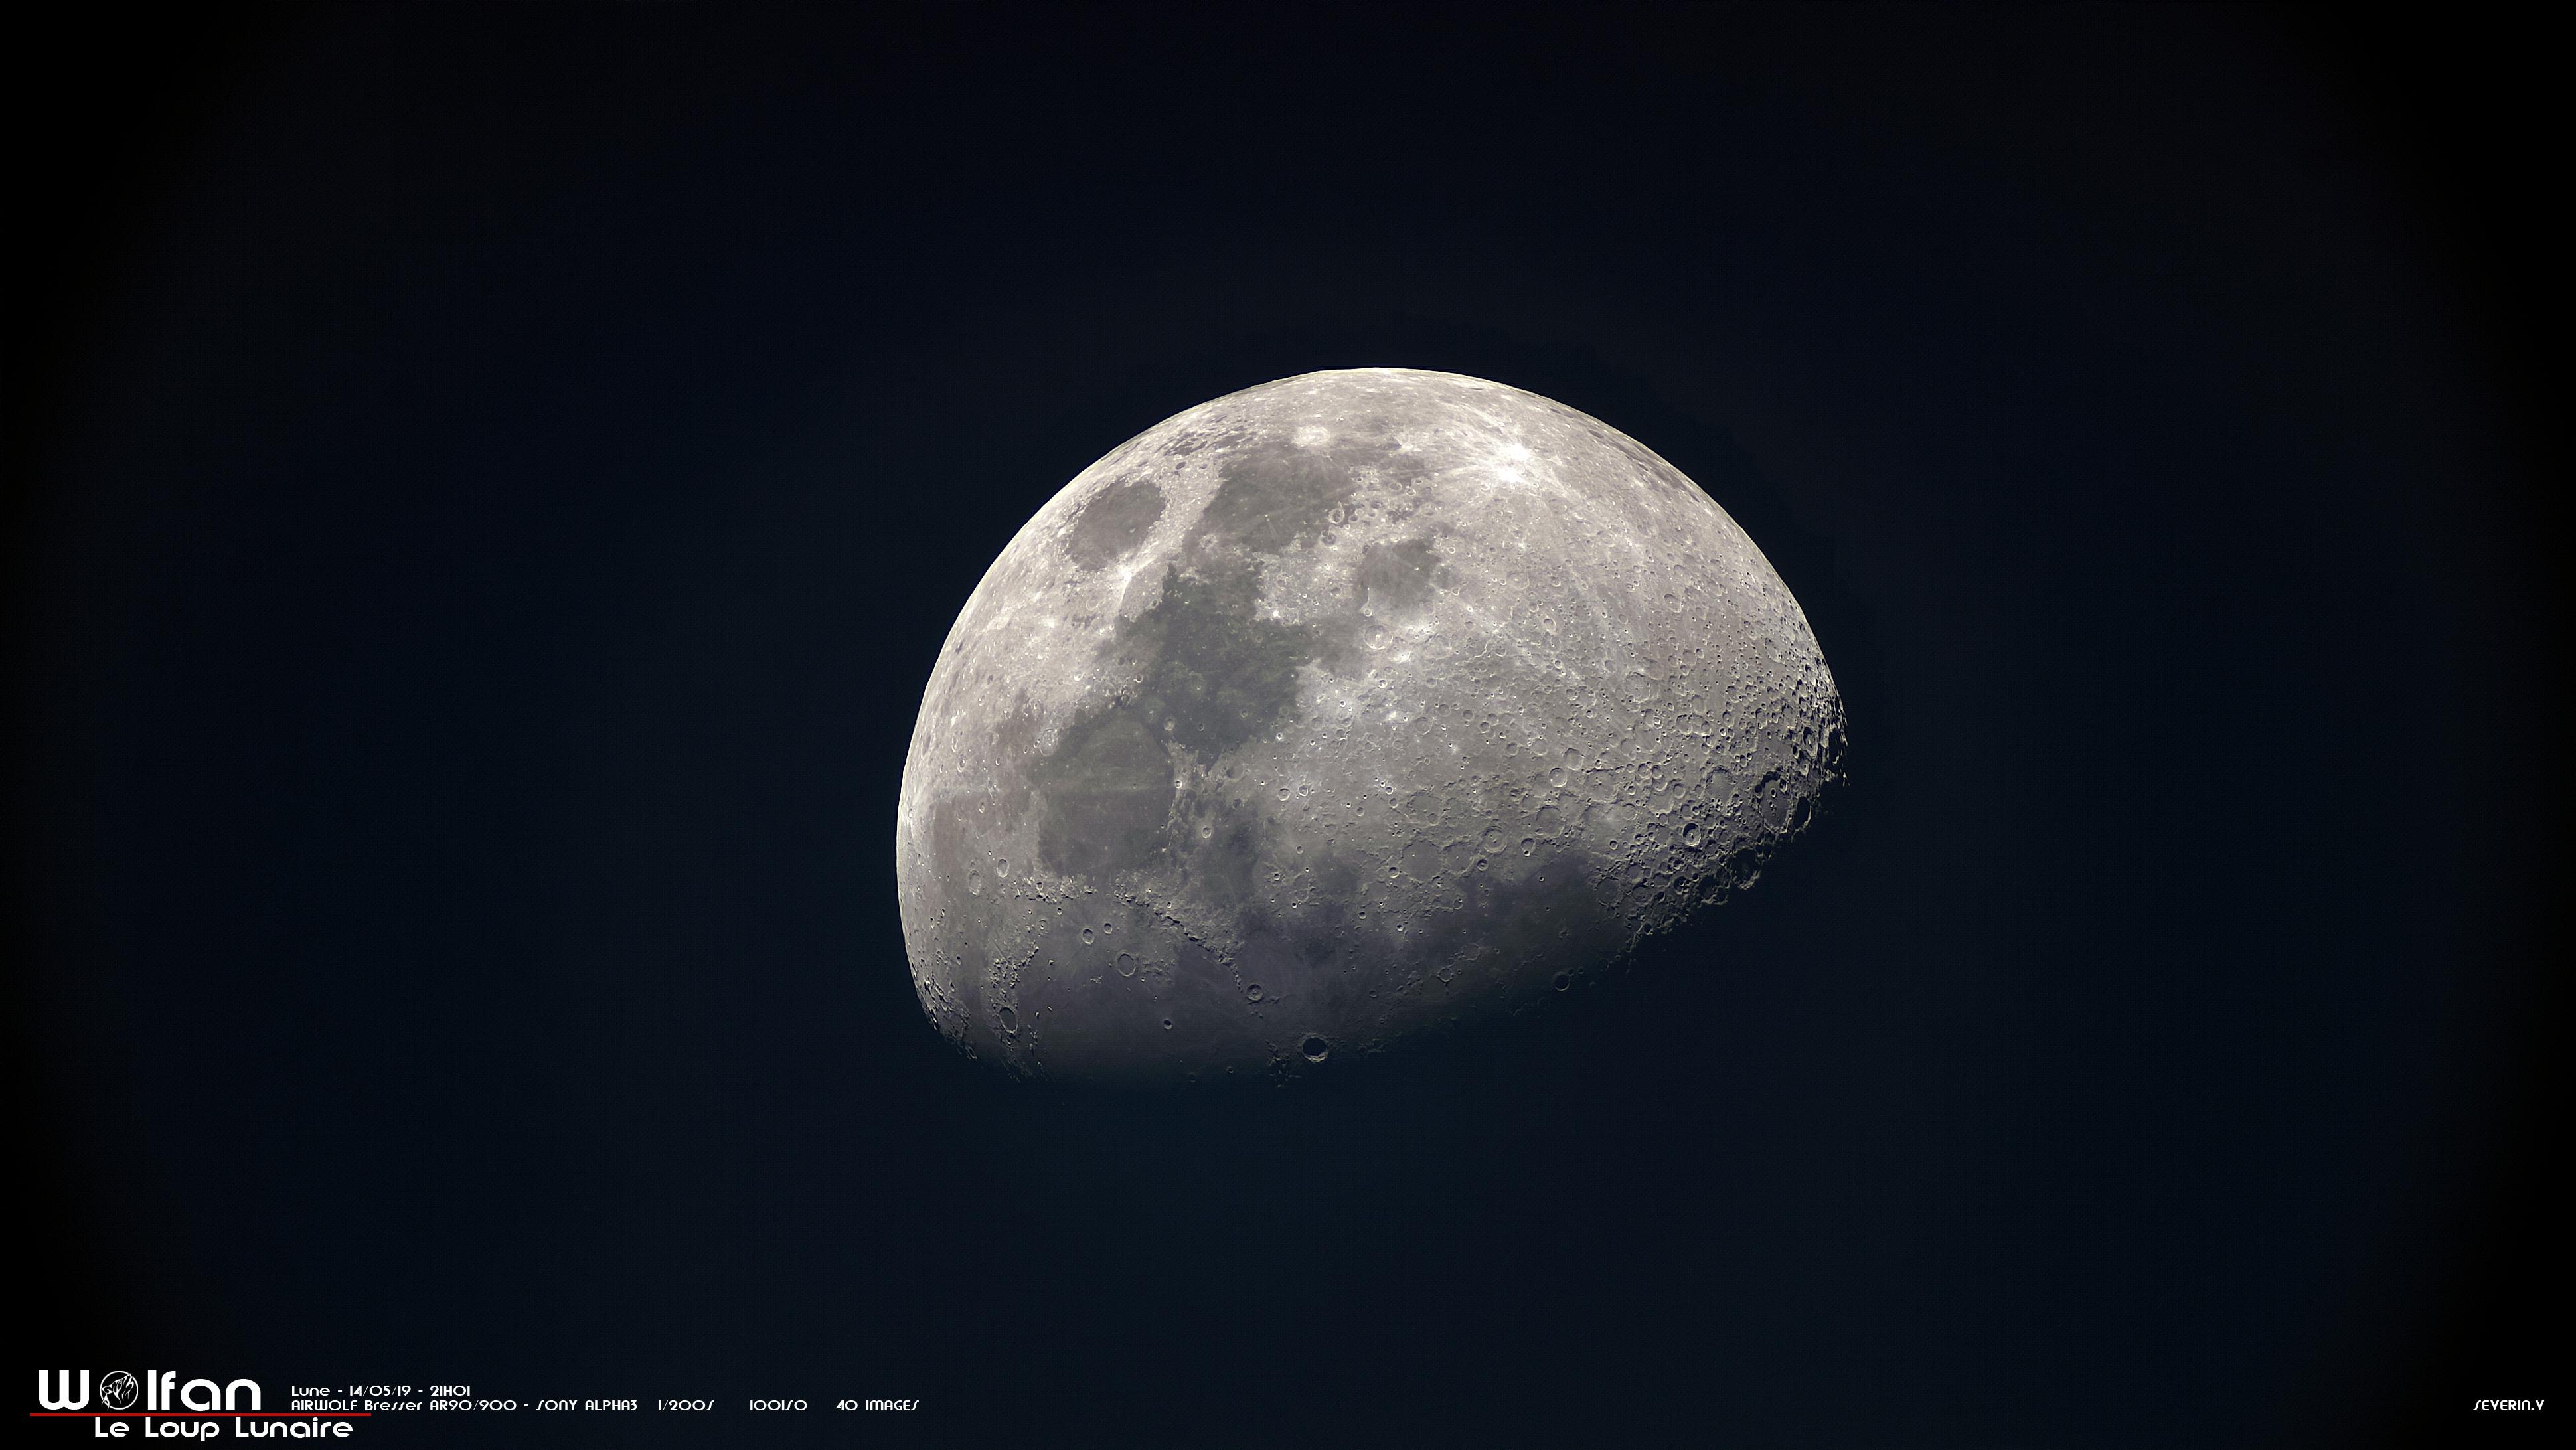 Lune 13-05-19 PETITE